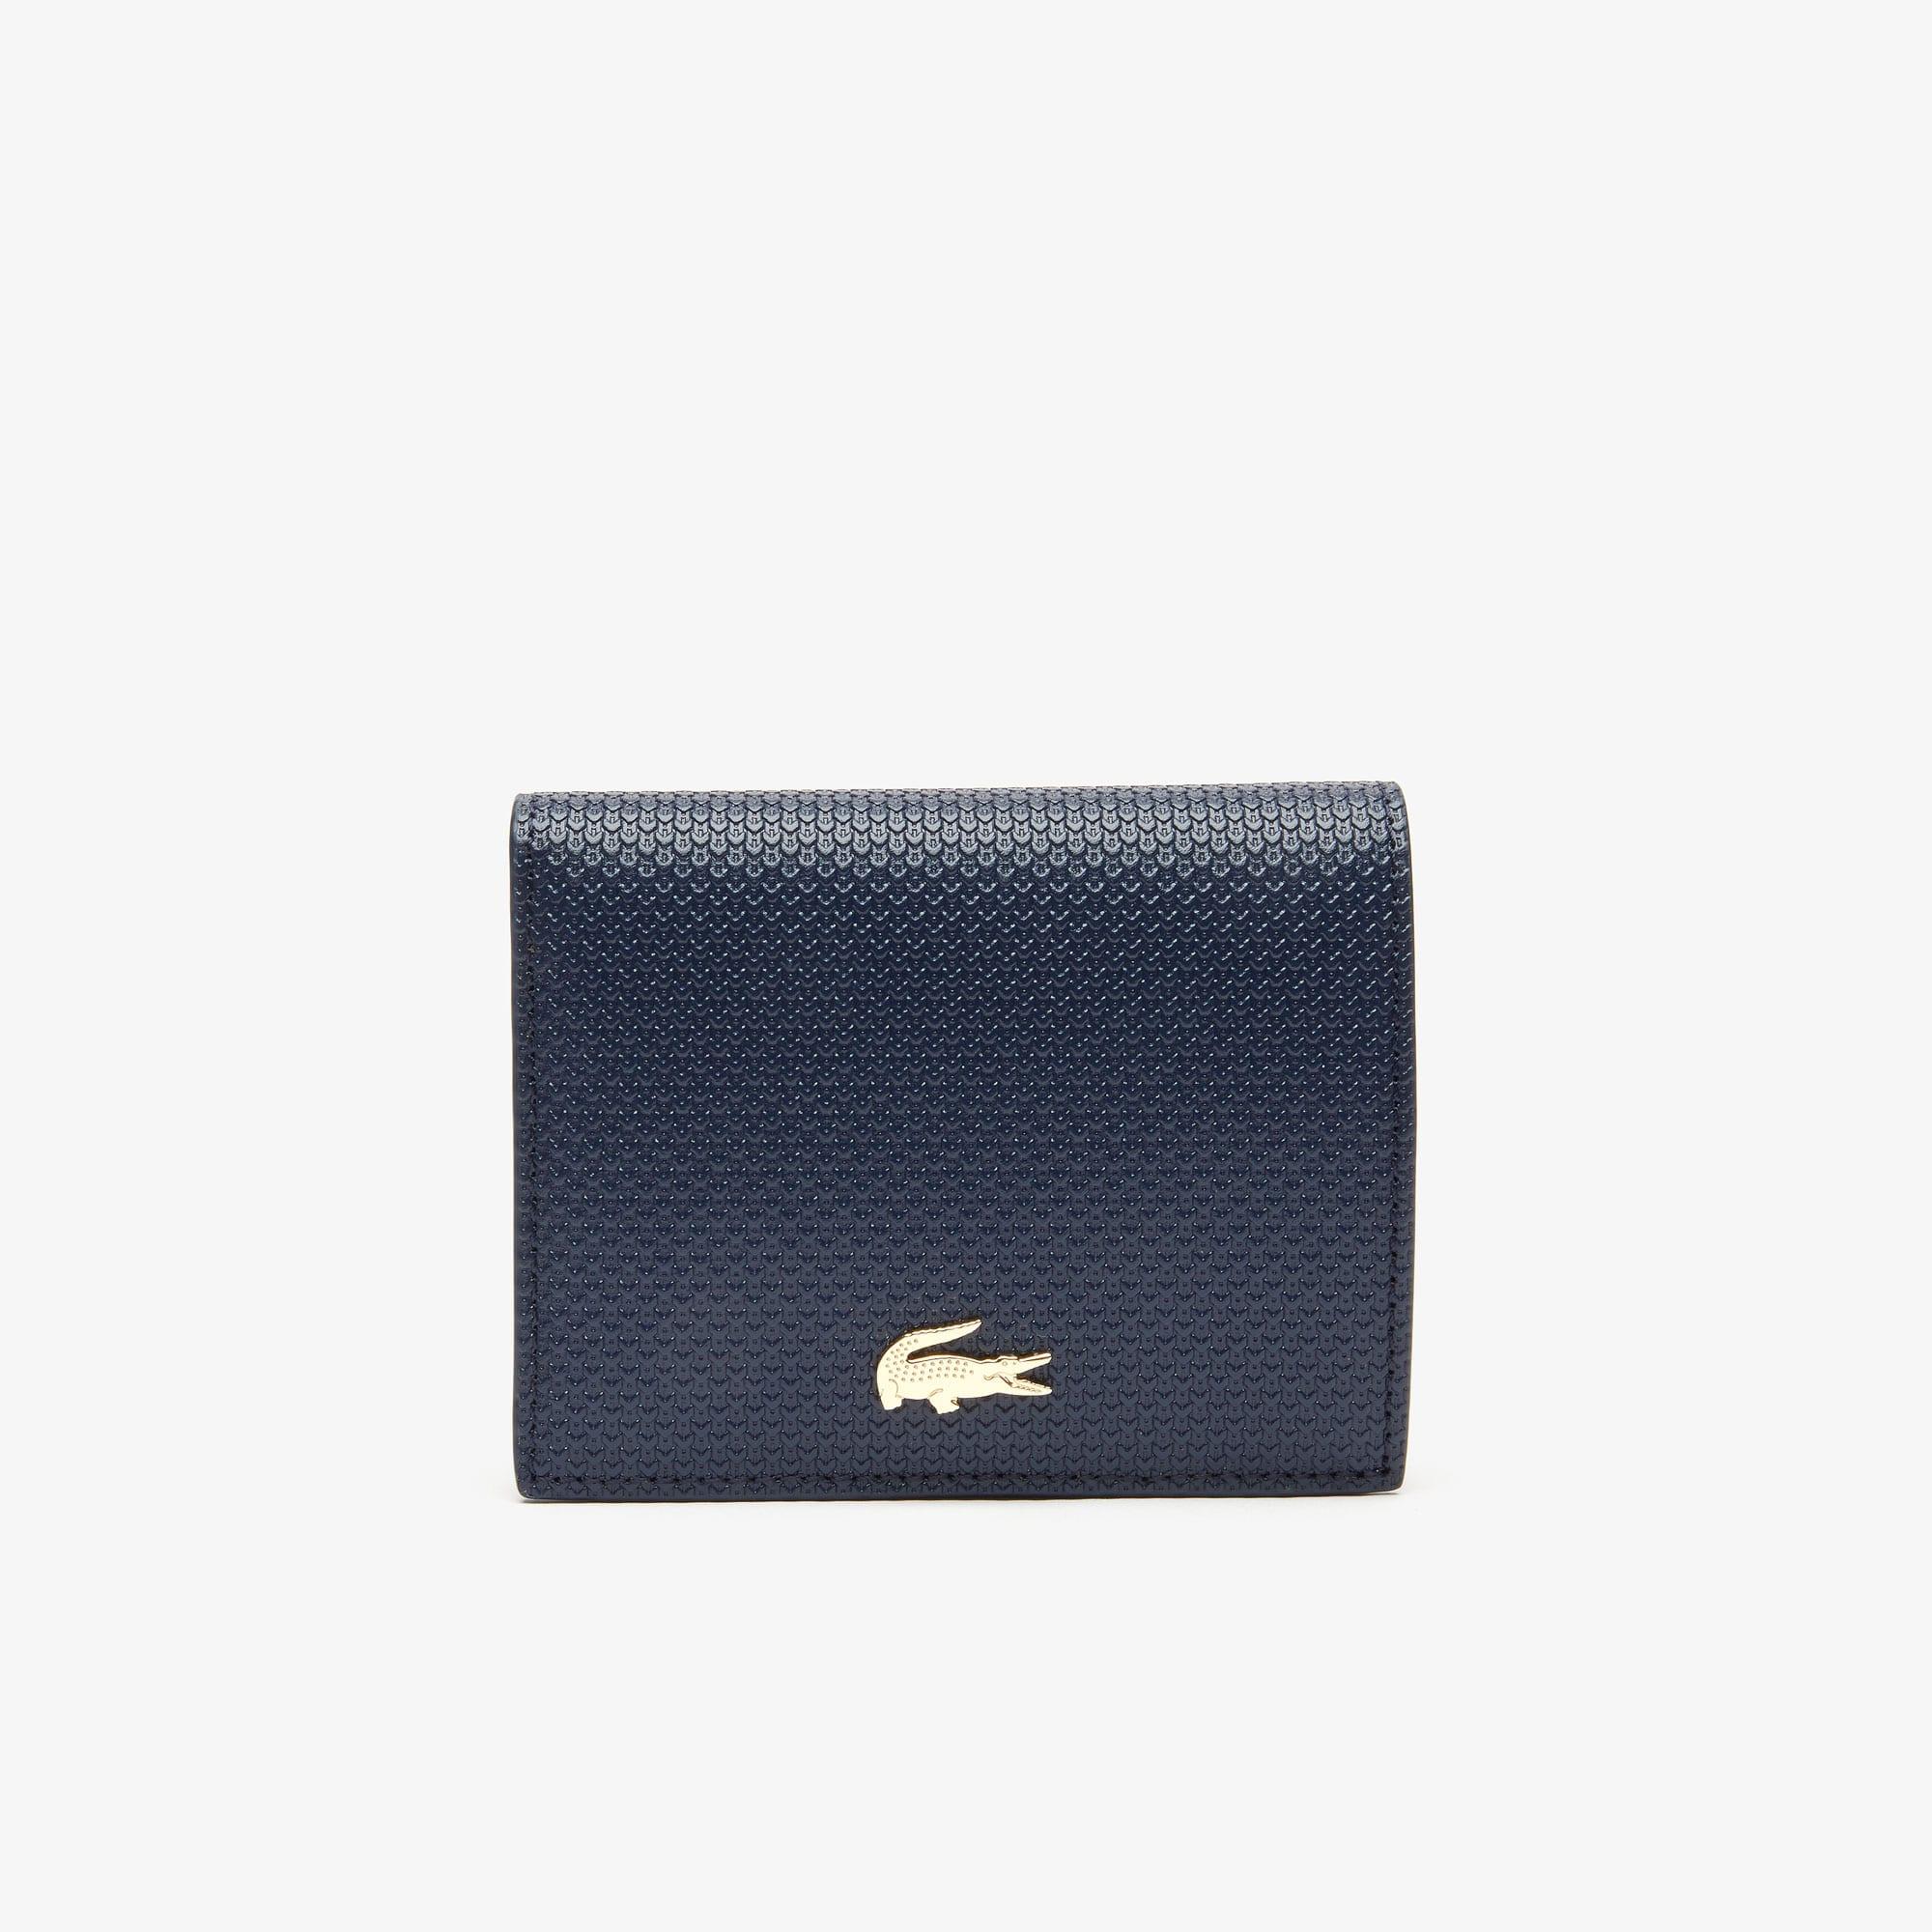 wholesale dealer fdfb6 6f36e Polos, Kleidung und Lederwaren Online | LACOSTE